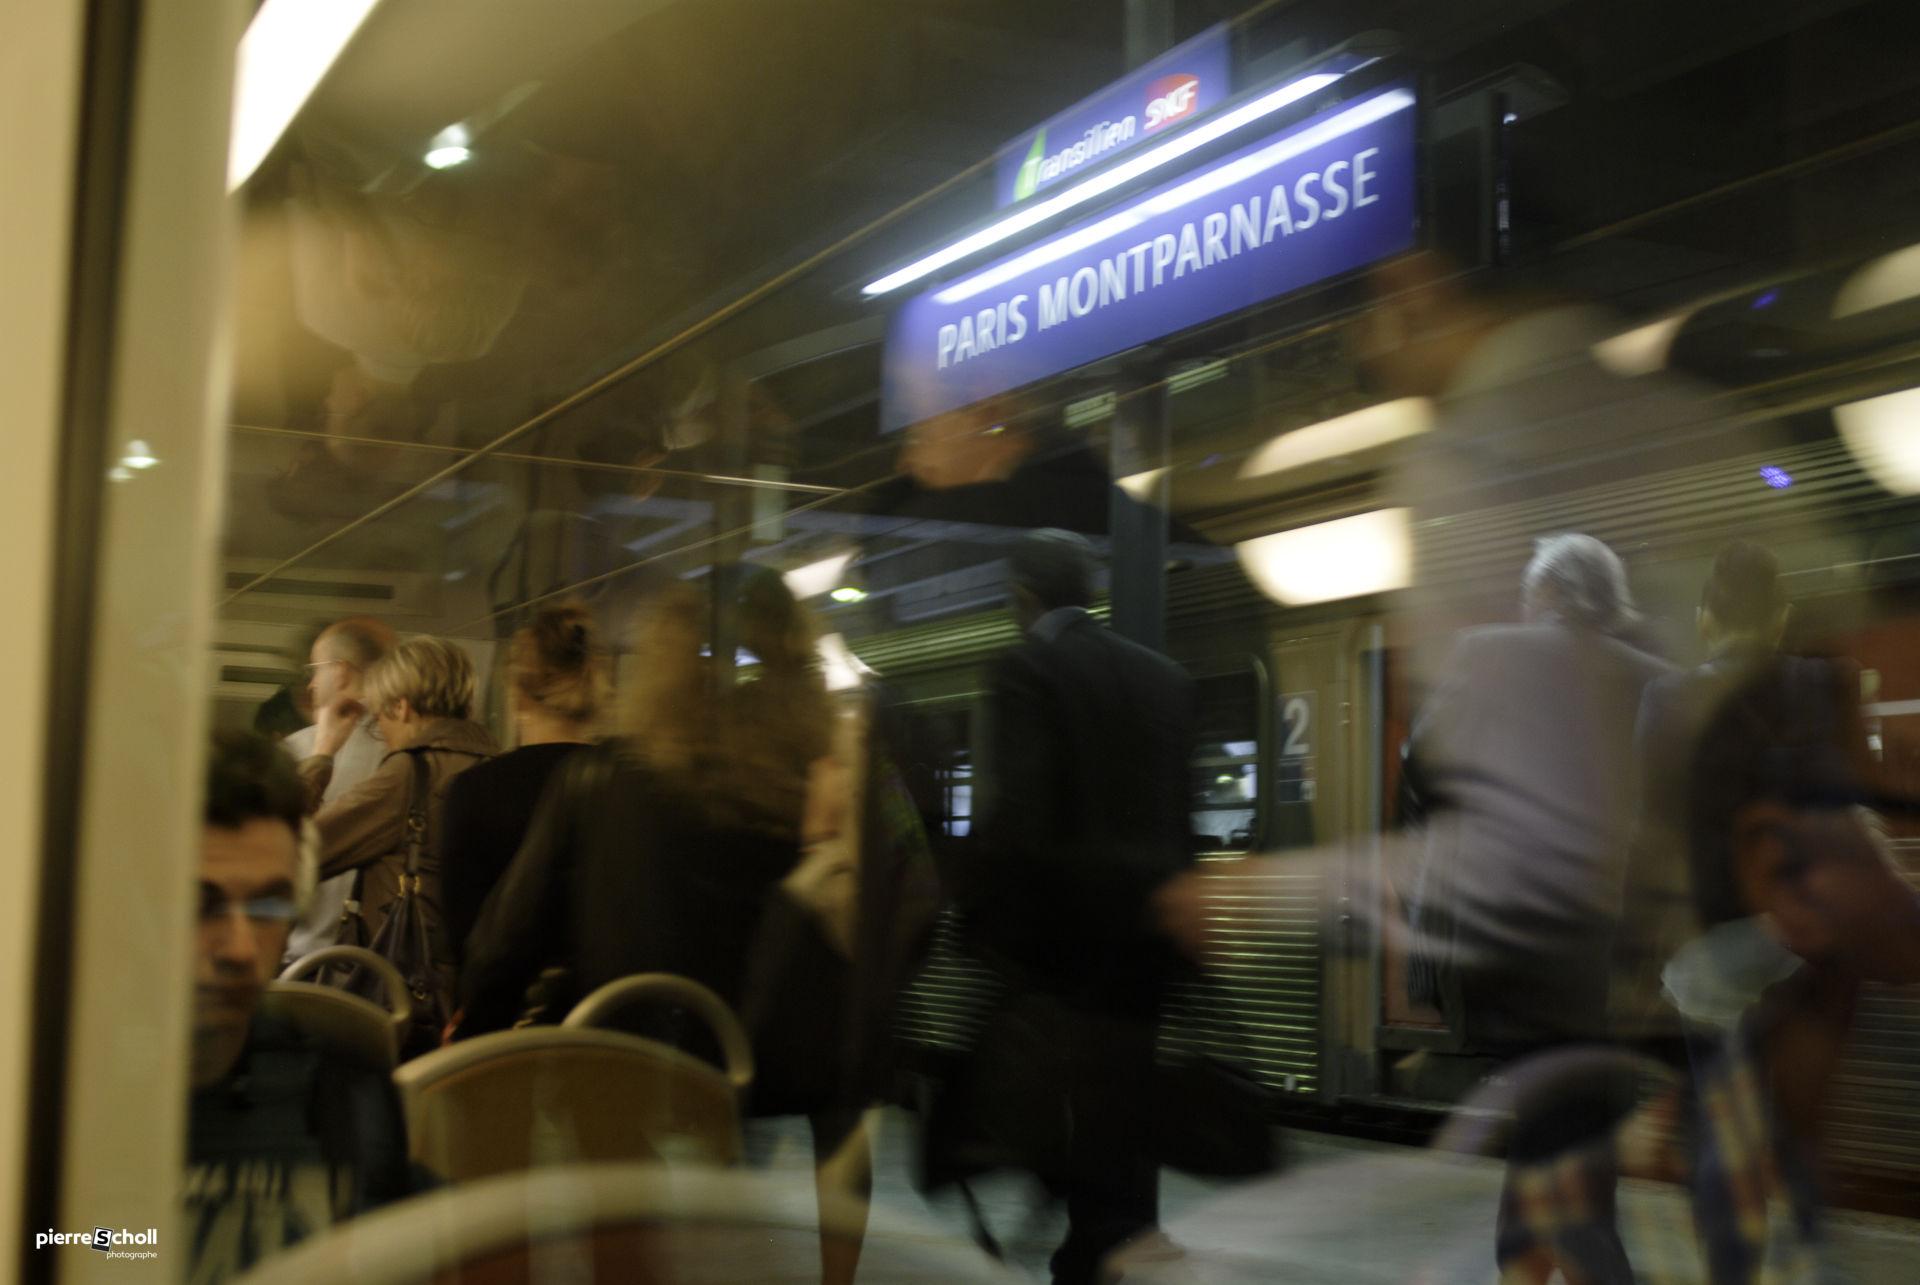 Gare de Montparnasse, Paris, France.